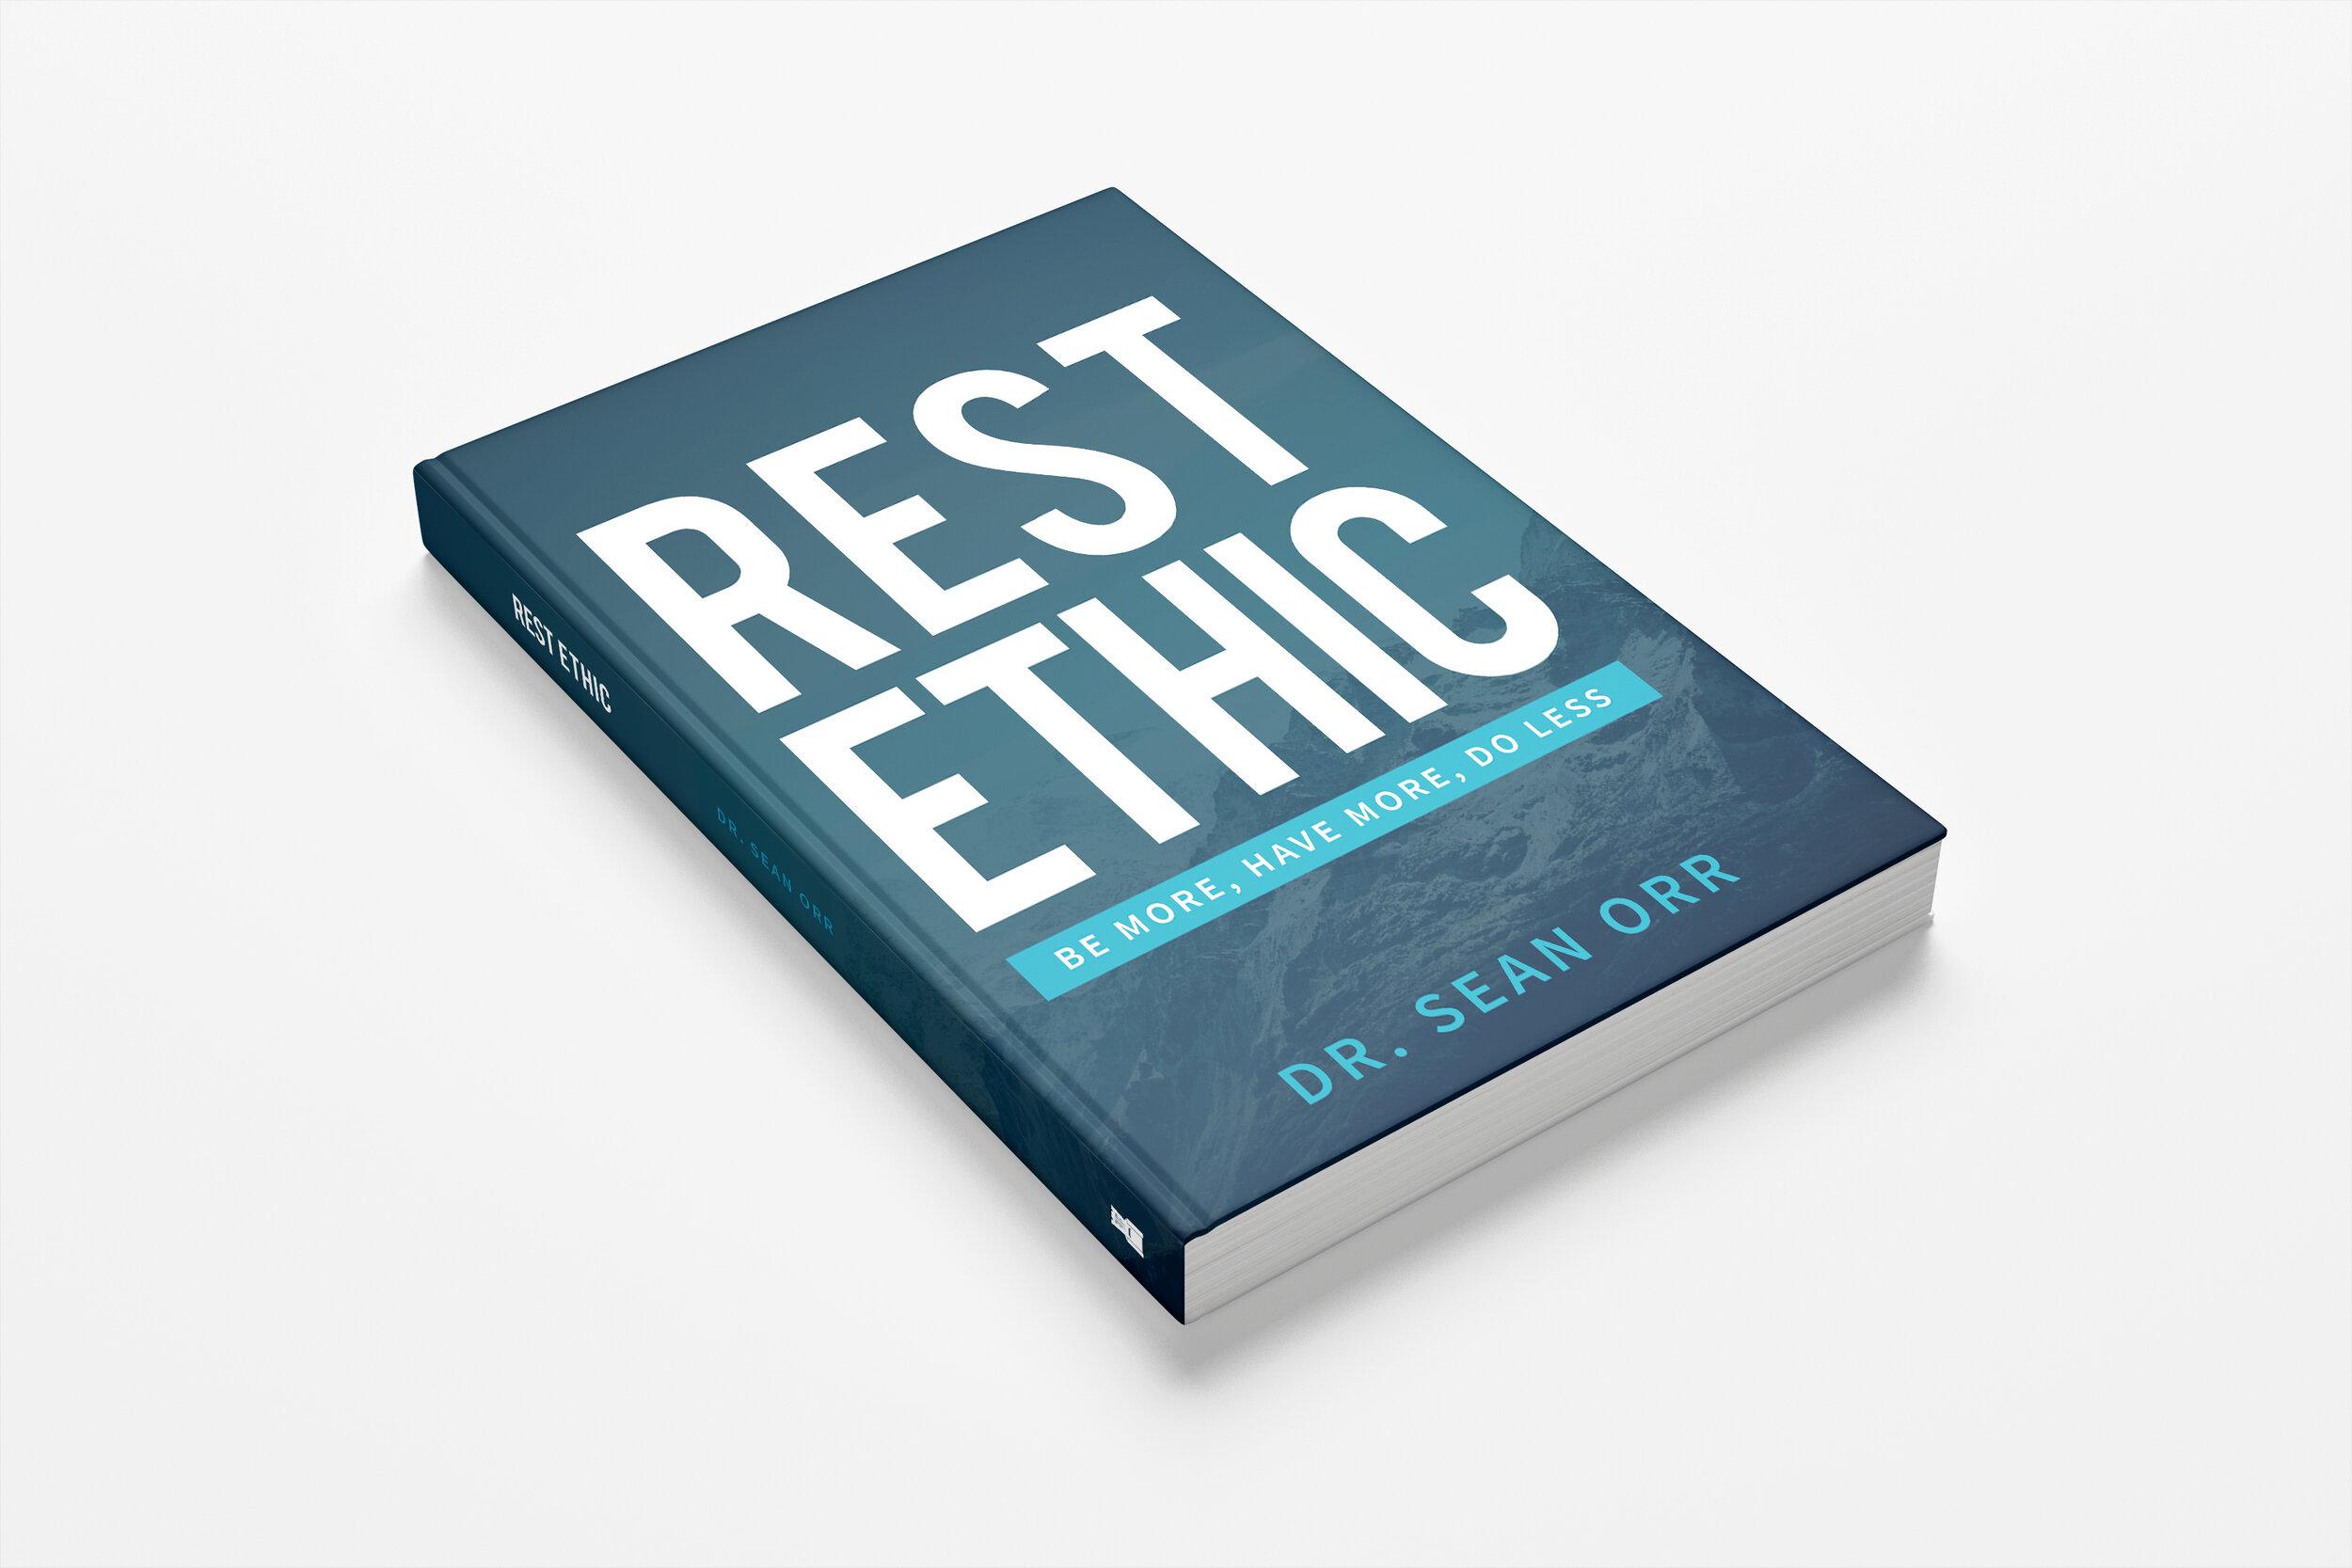 rest-ethic.jpg